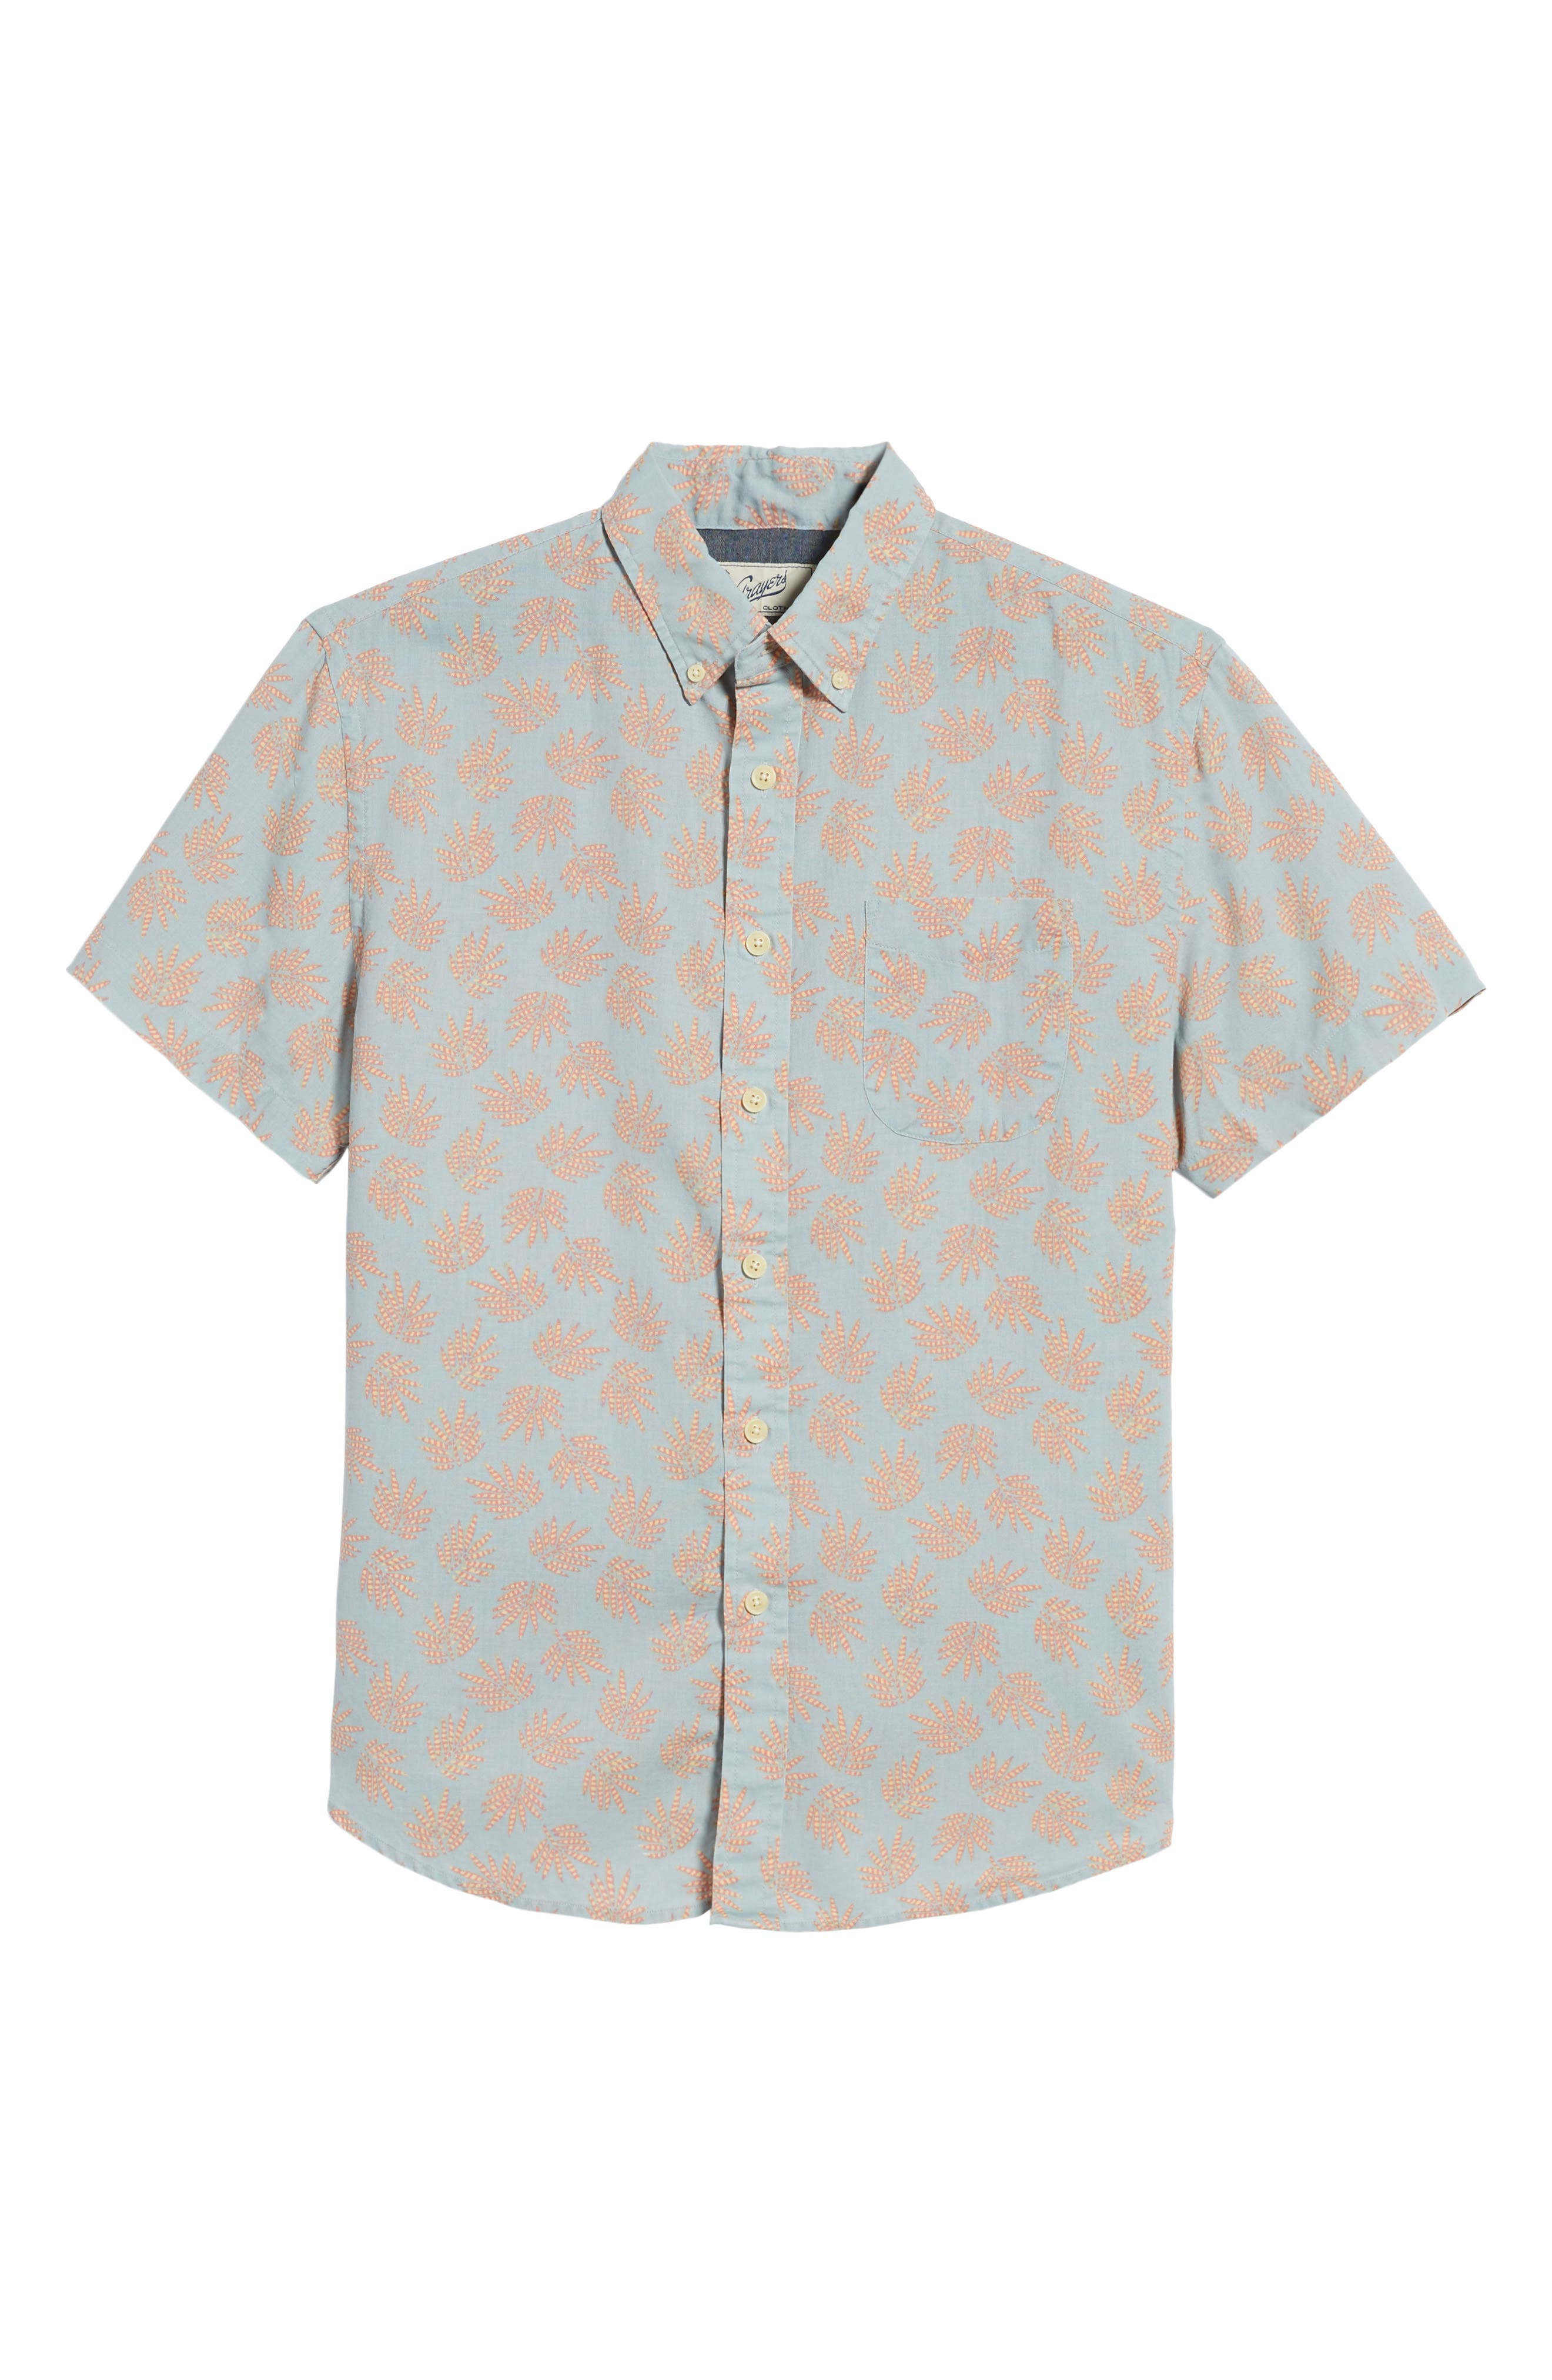 Palm Leaf Sport Shirt,                             Alternate thumbnail 6, color,                             Red Leaf On Blue